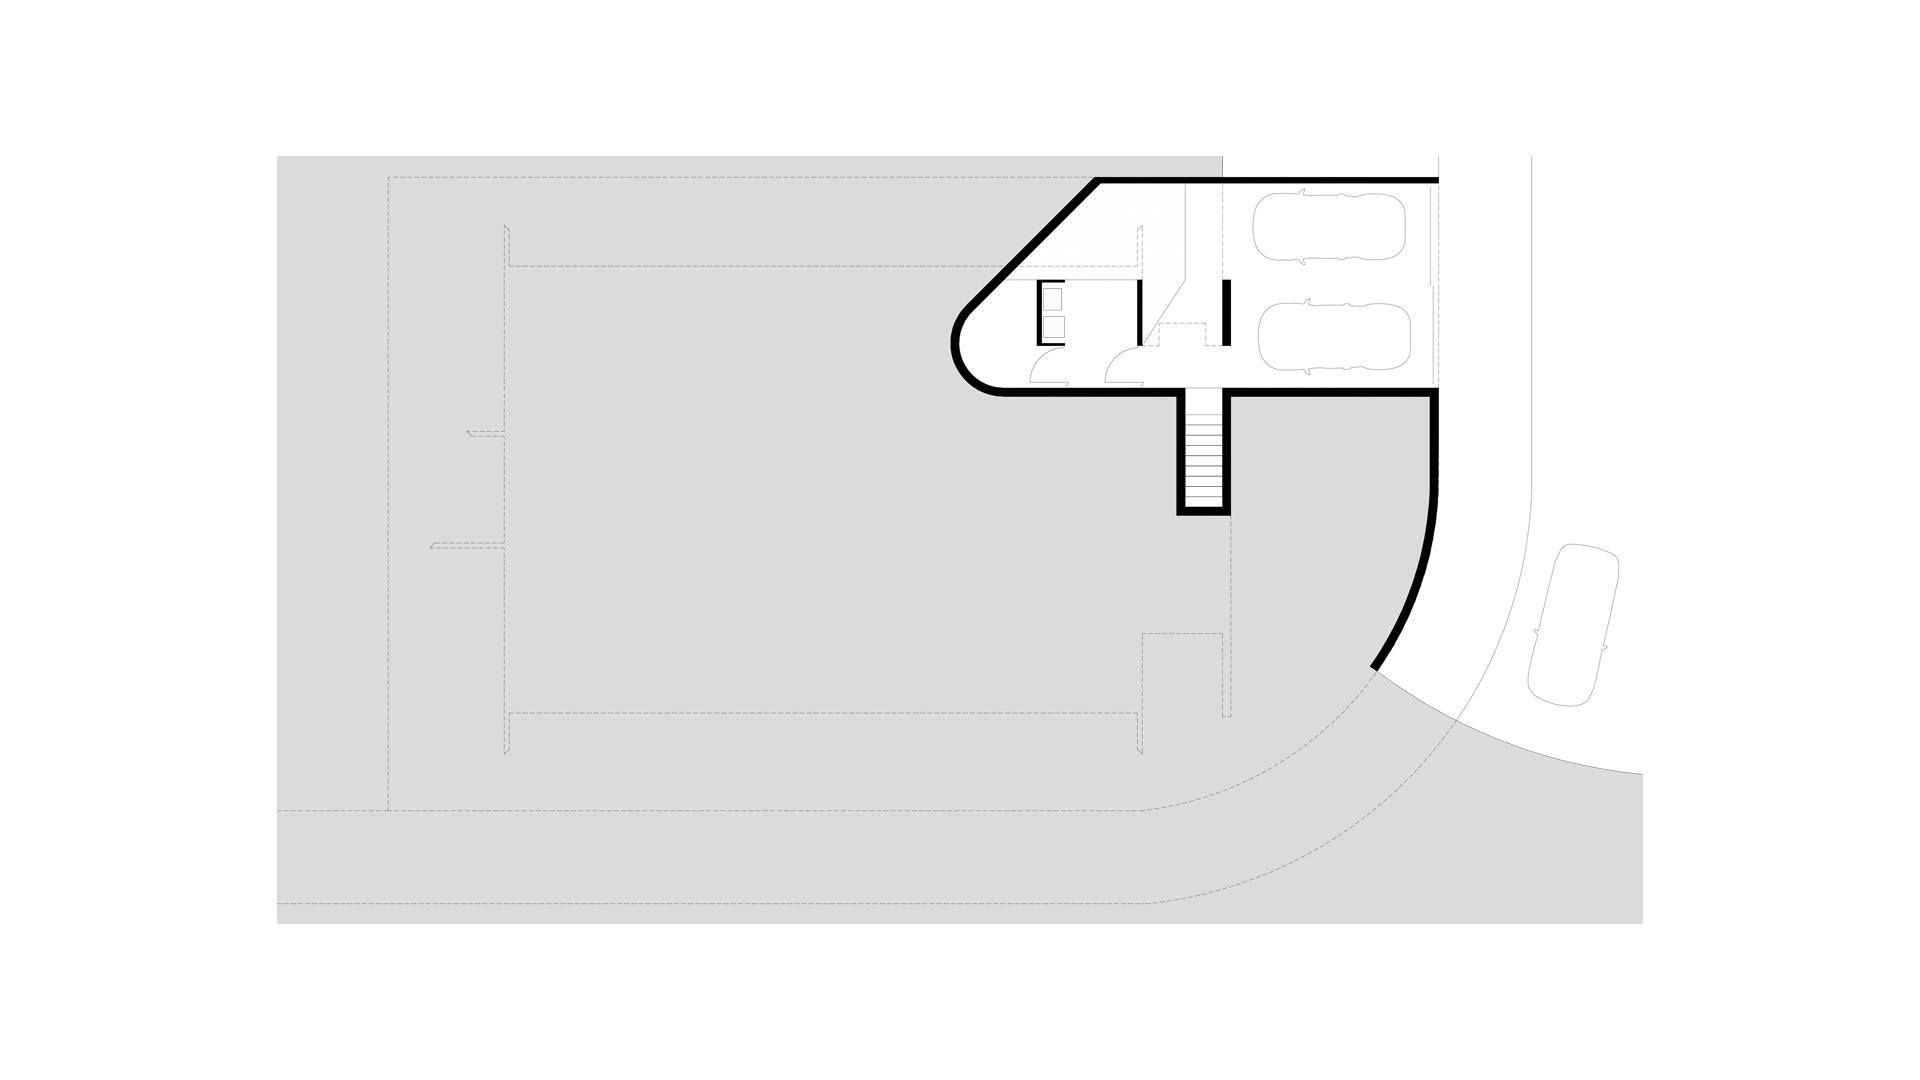 residencia-jundiai-planta-semi-enterrado